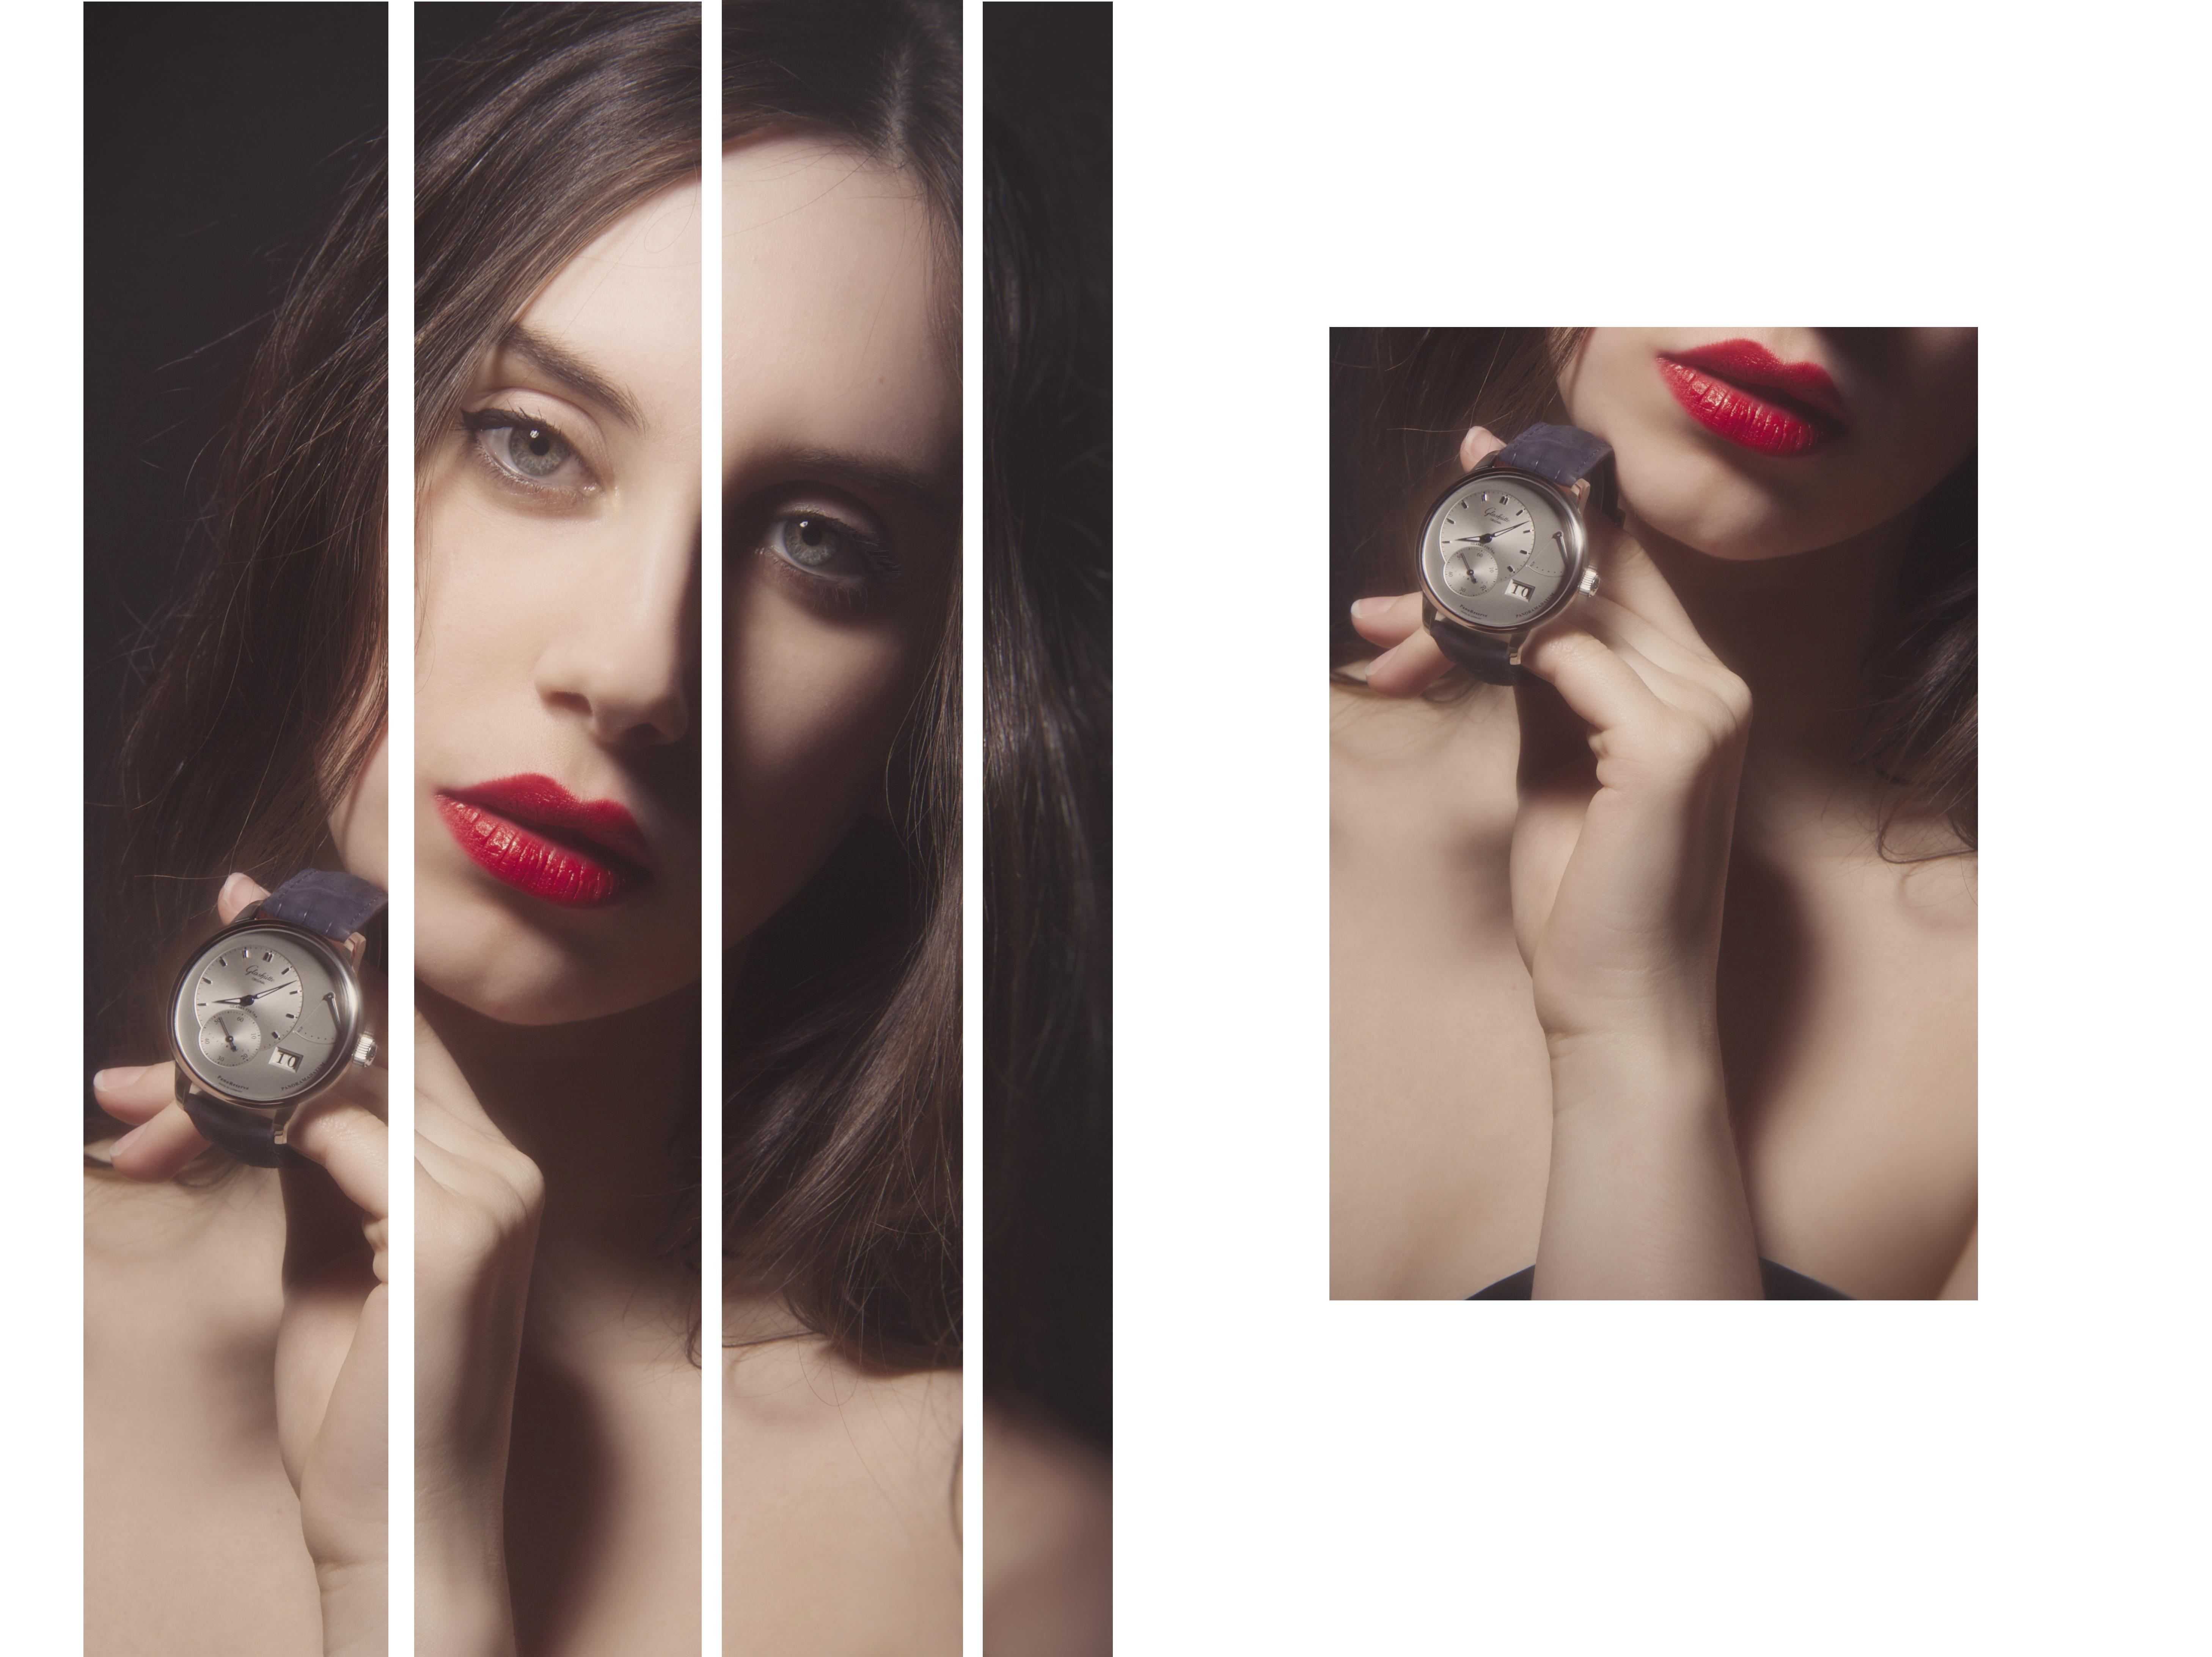 photographe mode bijoux montre tours paris fashion7